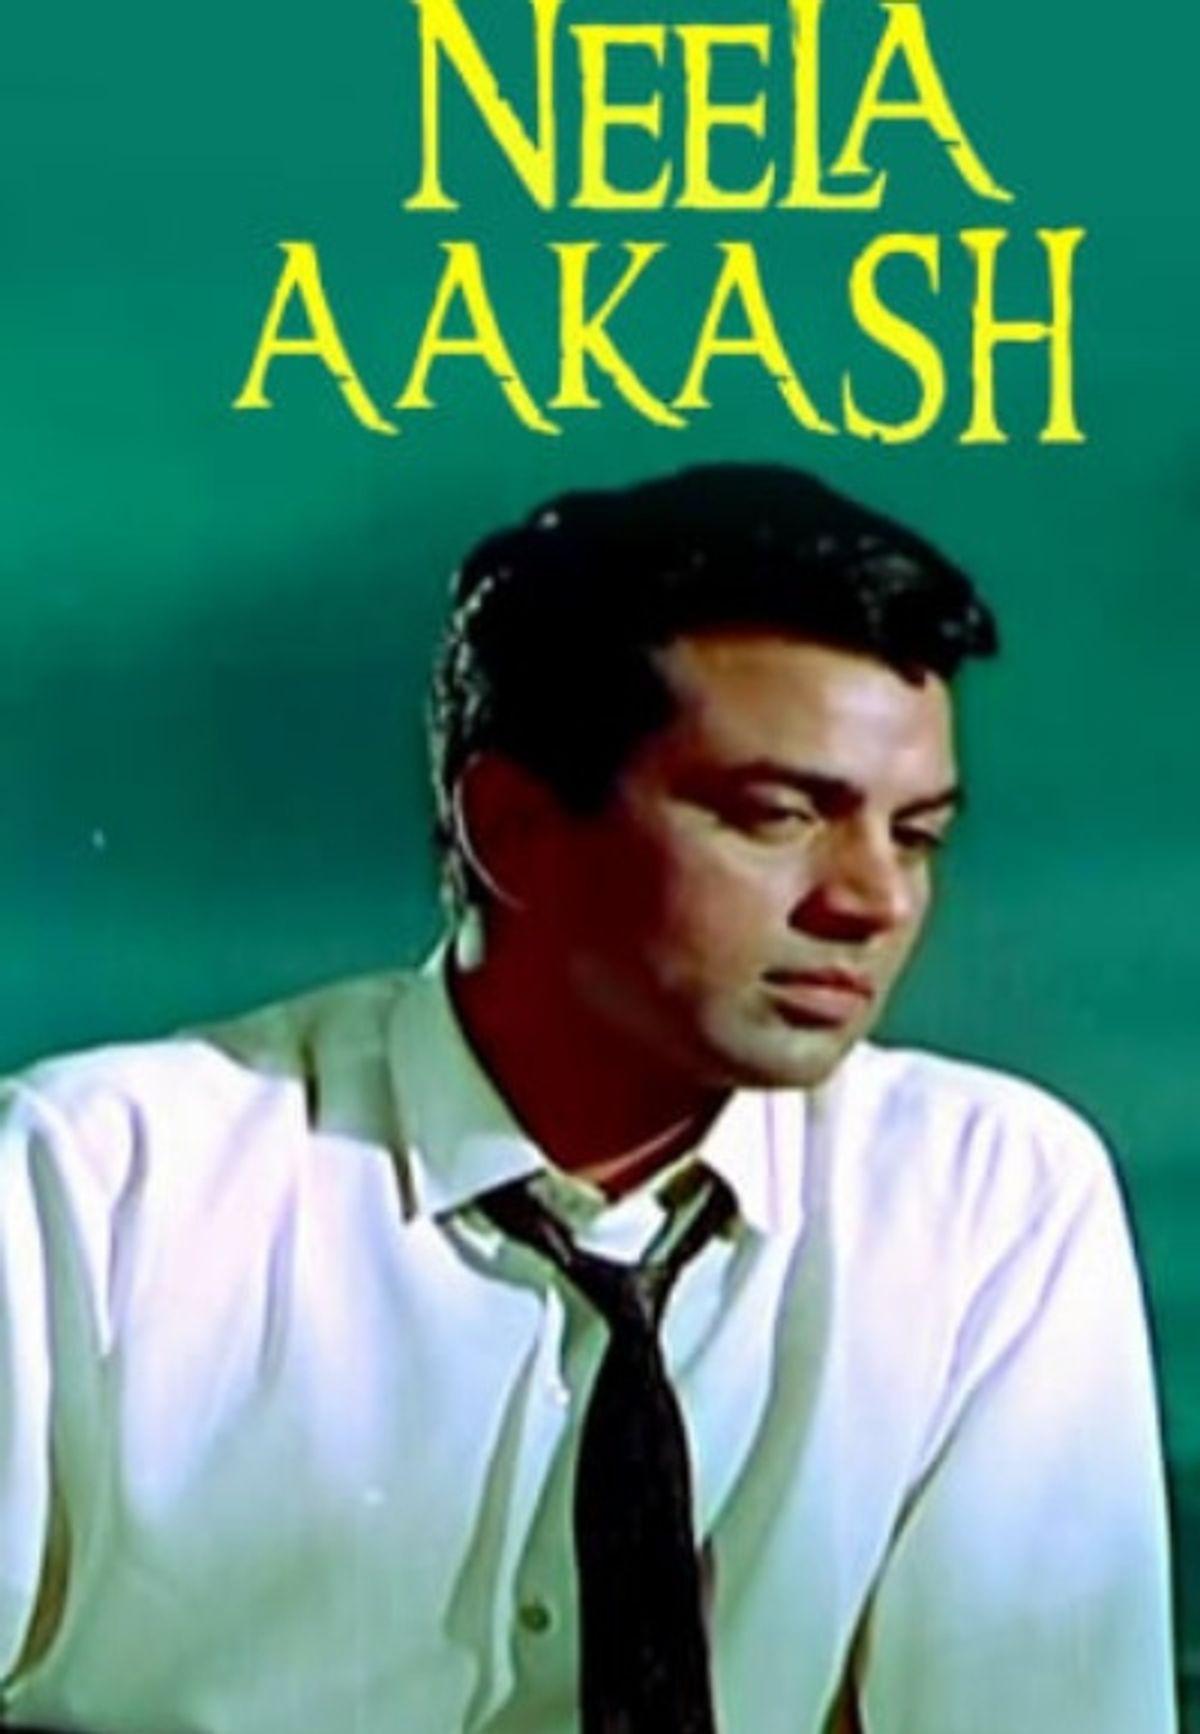 Neela Aakash